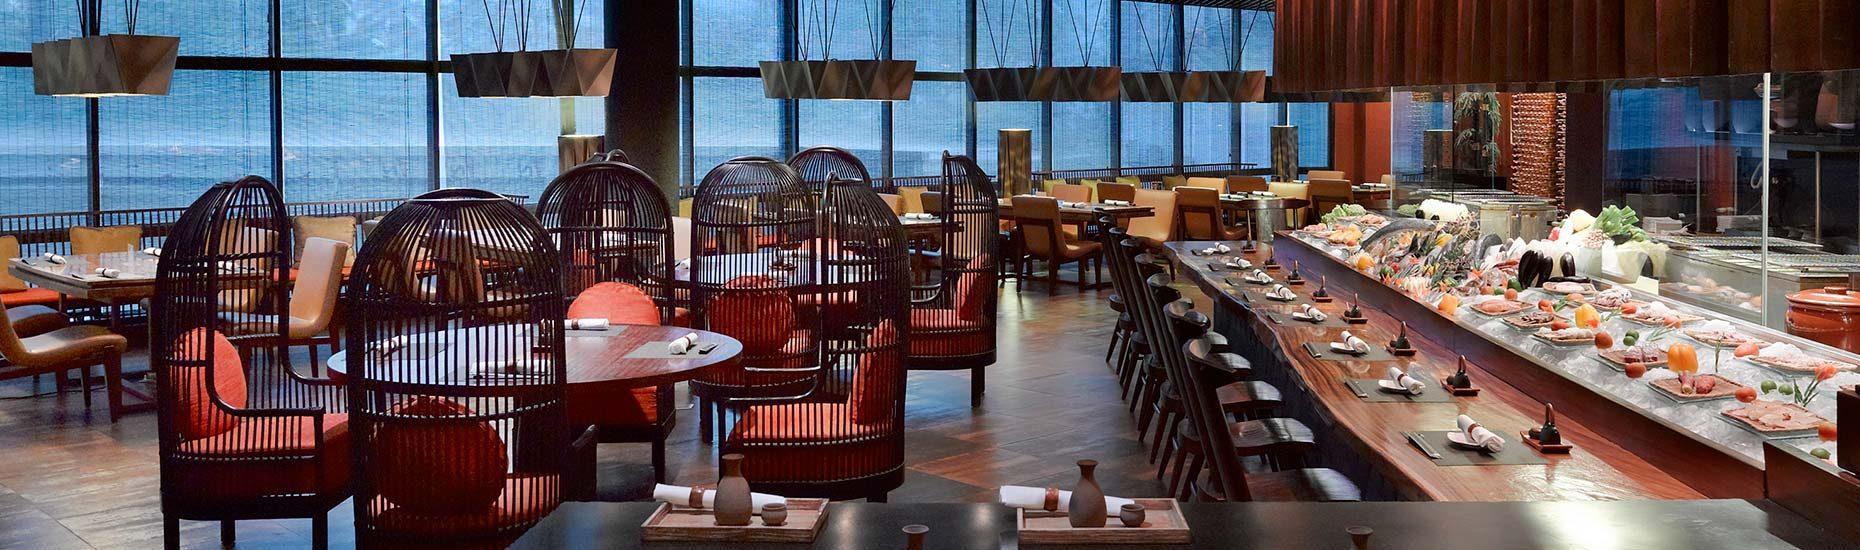 yoshi-izakaya-dining-room